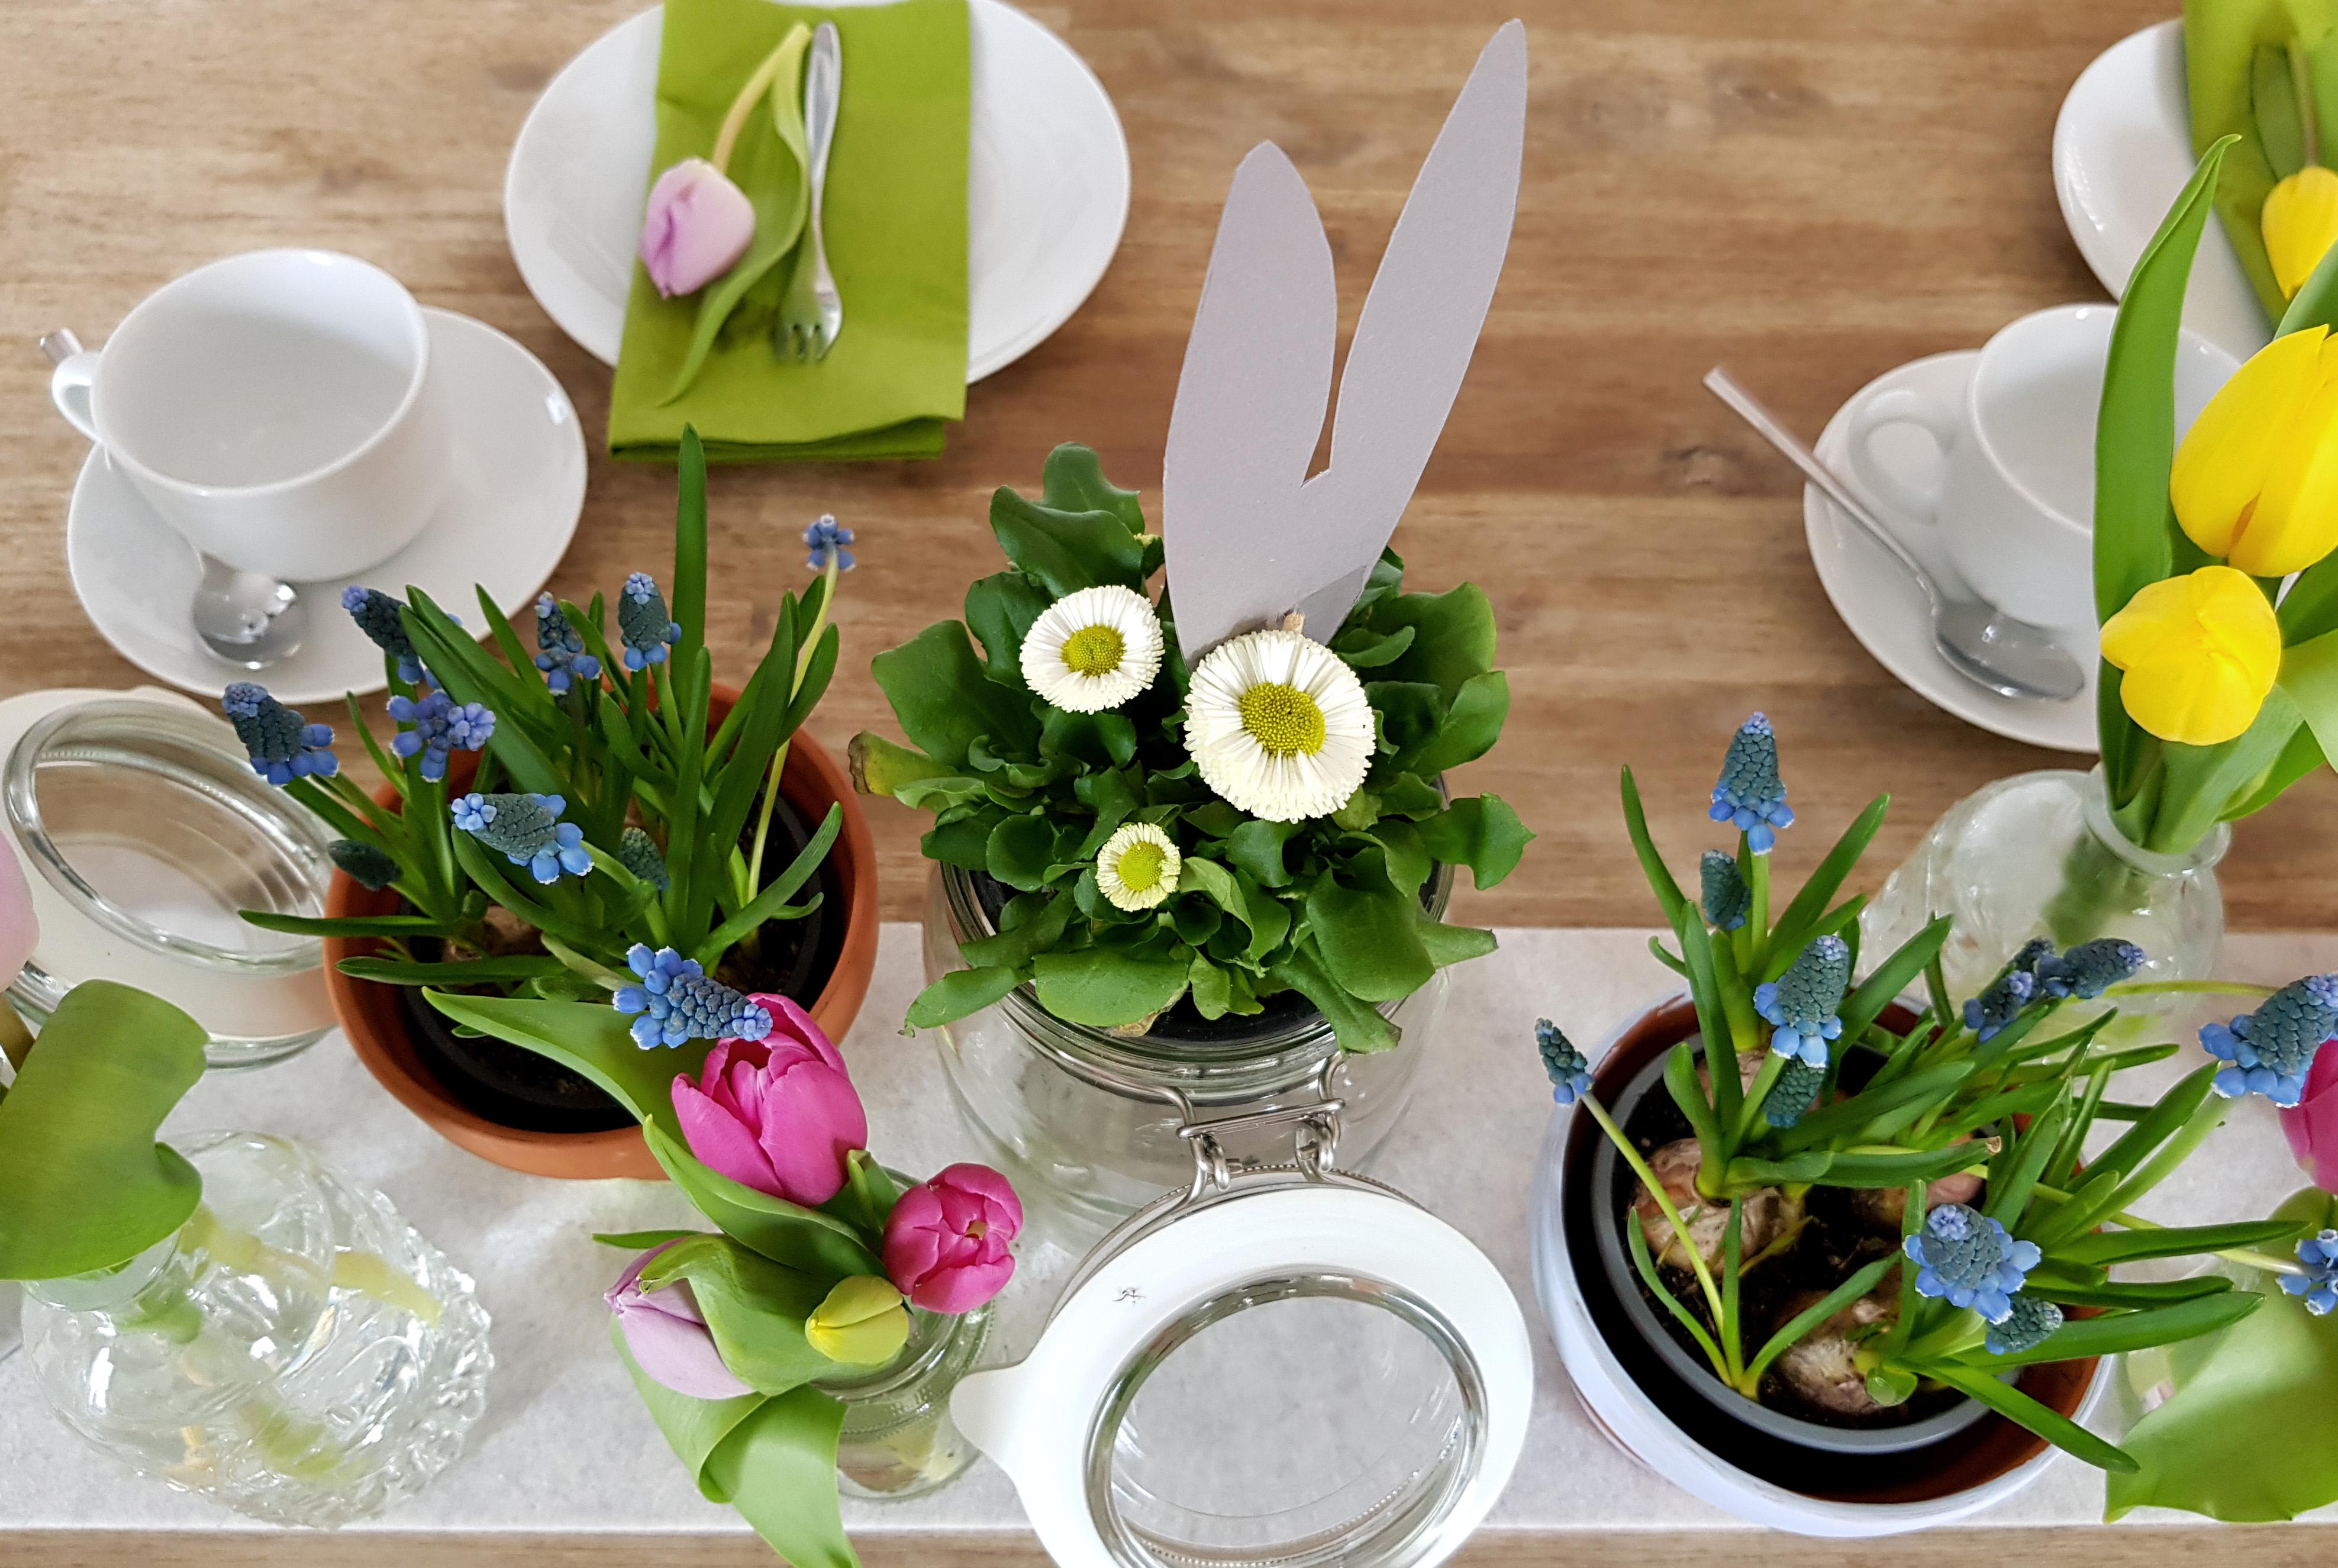 Osterdeko DIY Hasenohren bemalte Töpfe Blumenwiese